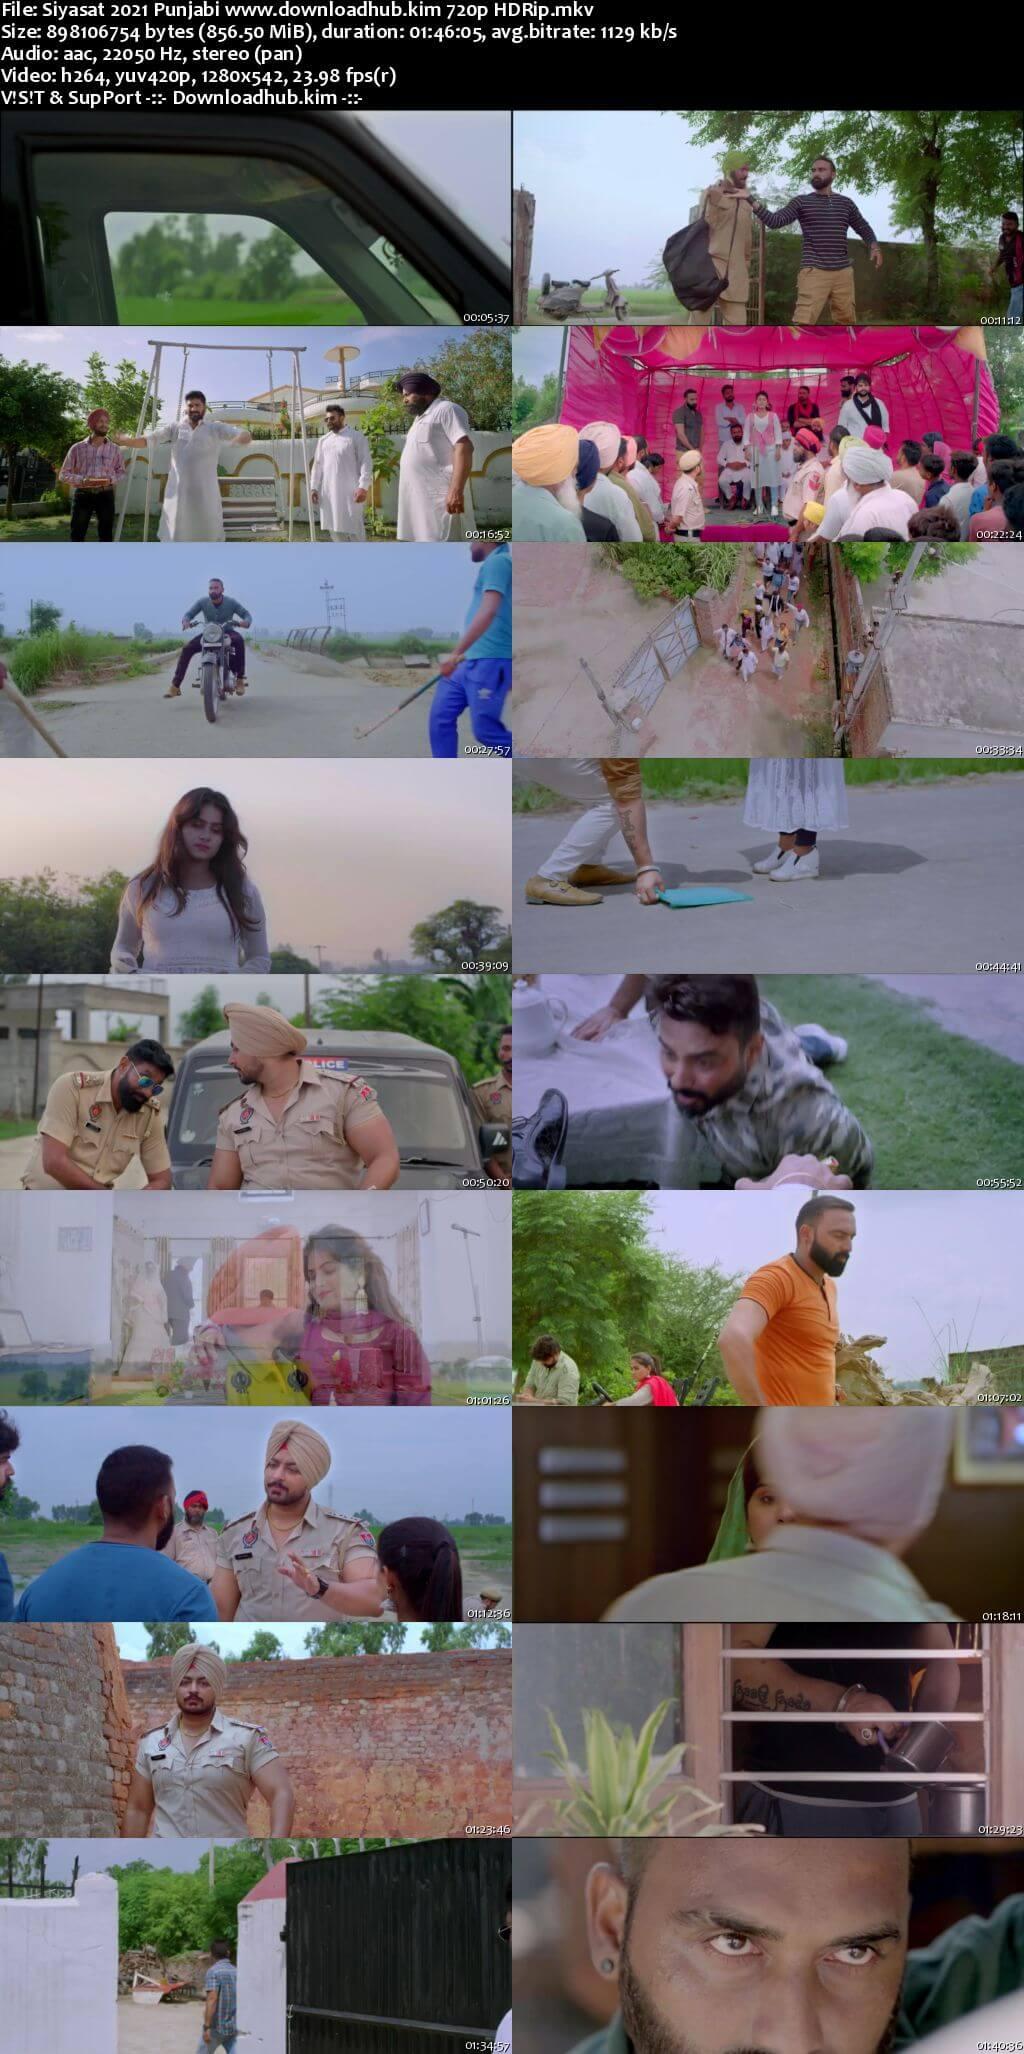 Siyasat 2021 Punjabi 720p HDRip x264